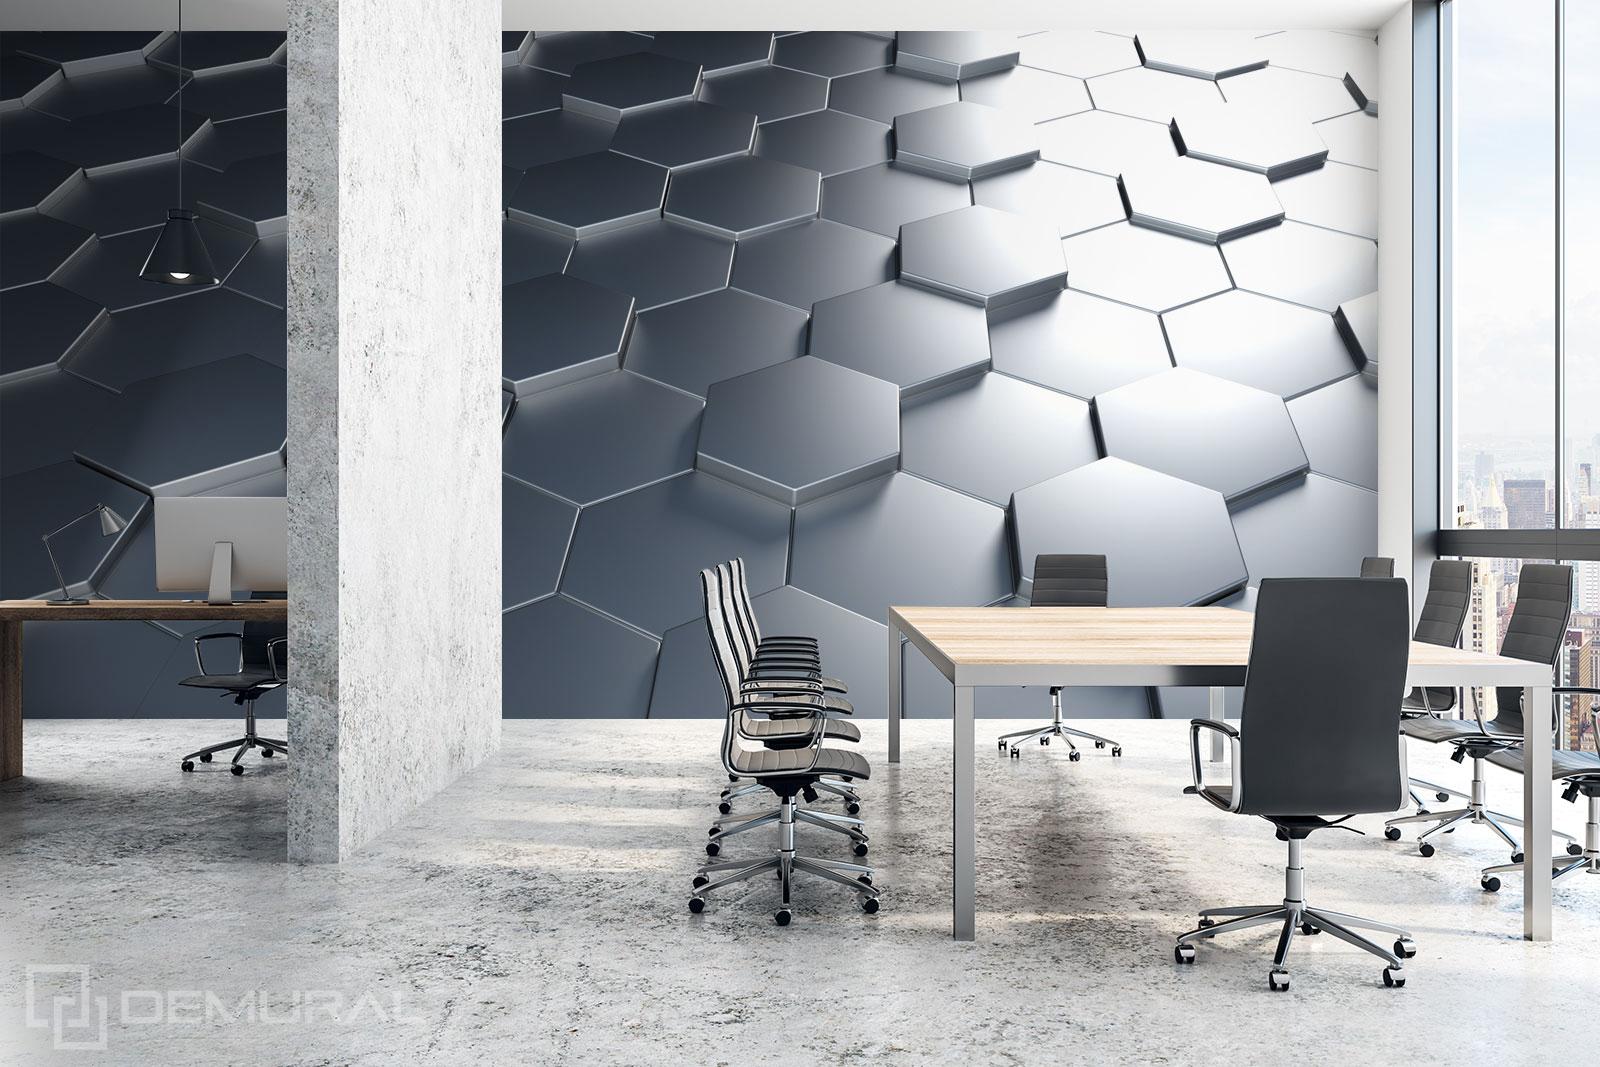 Fototapete 3D-Hexagone - 3D Fototapete - Demural